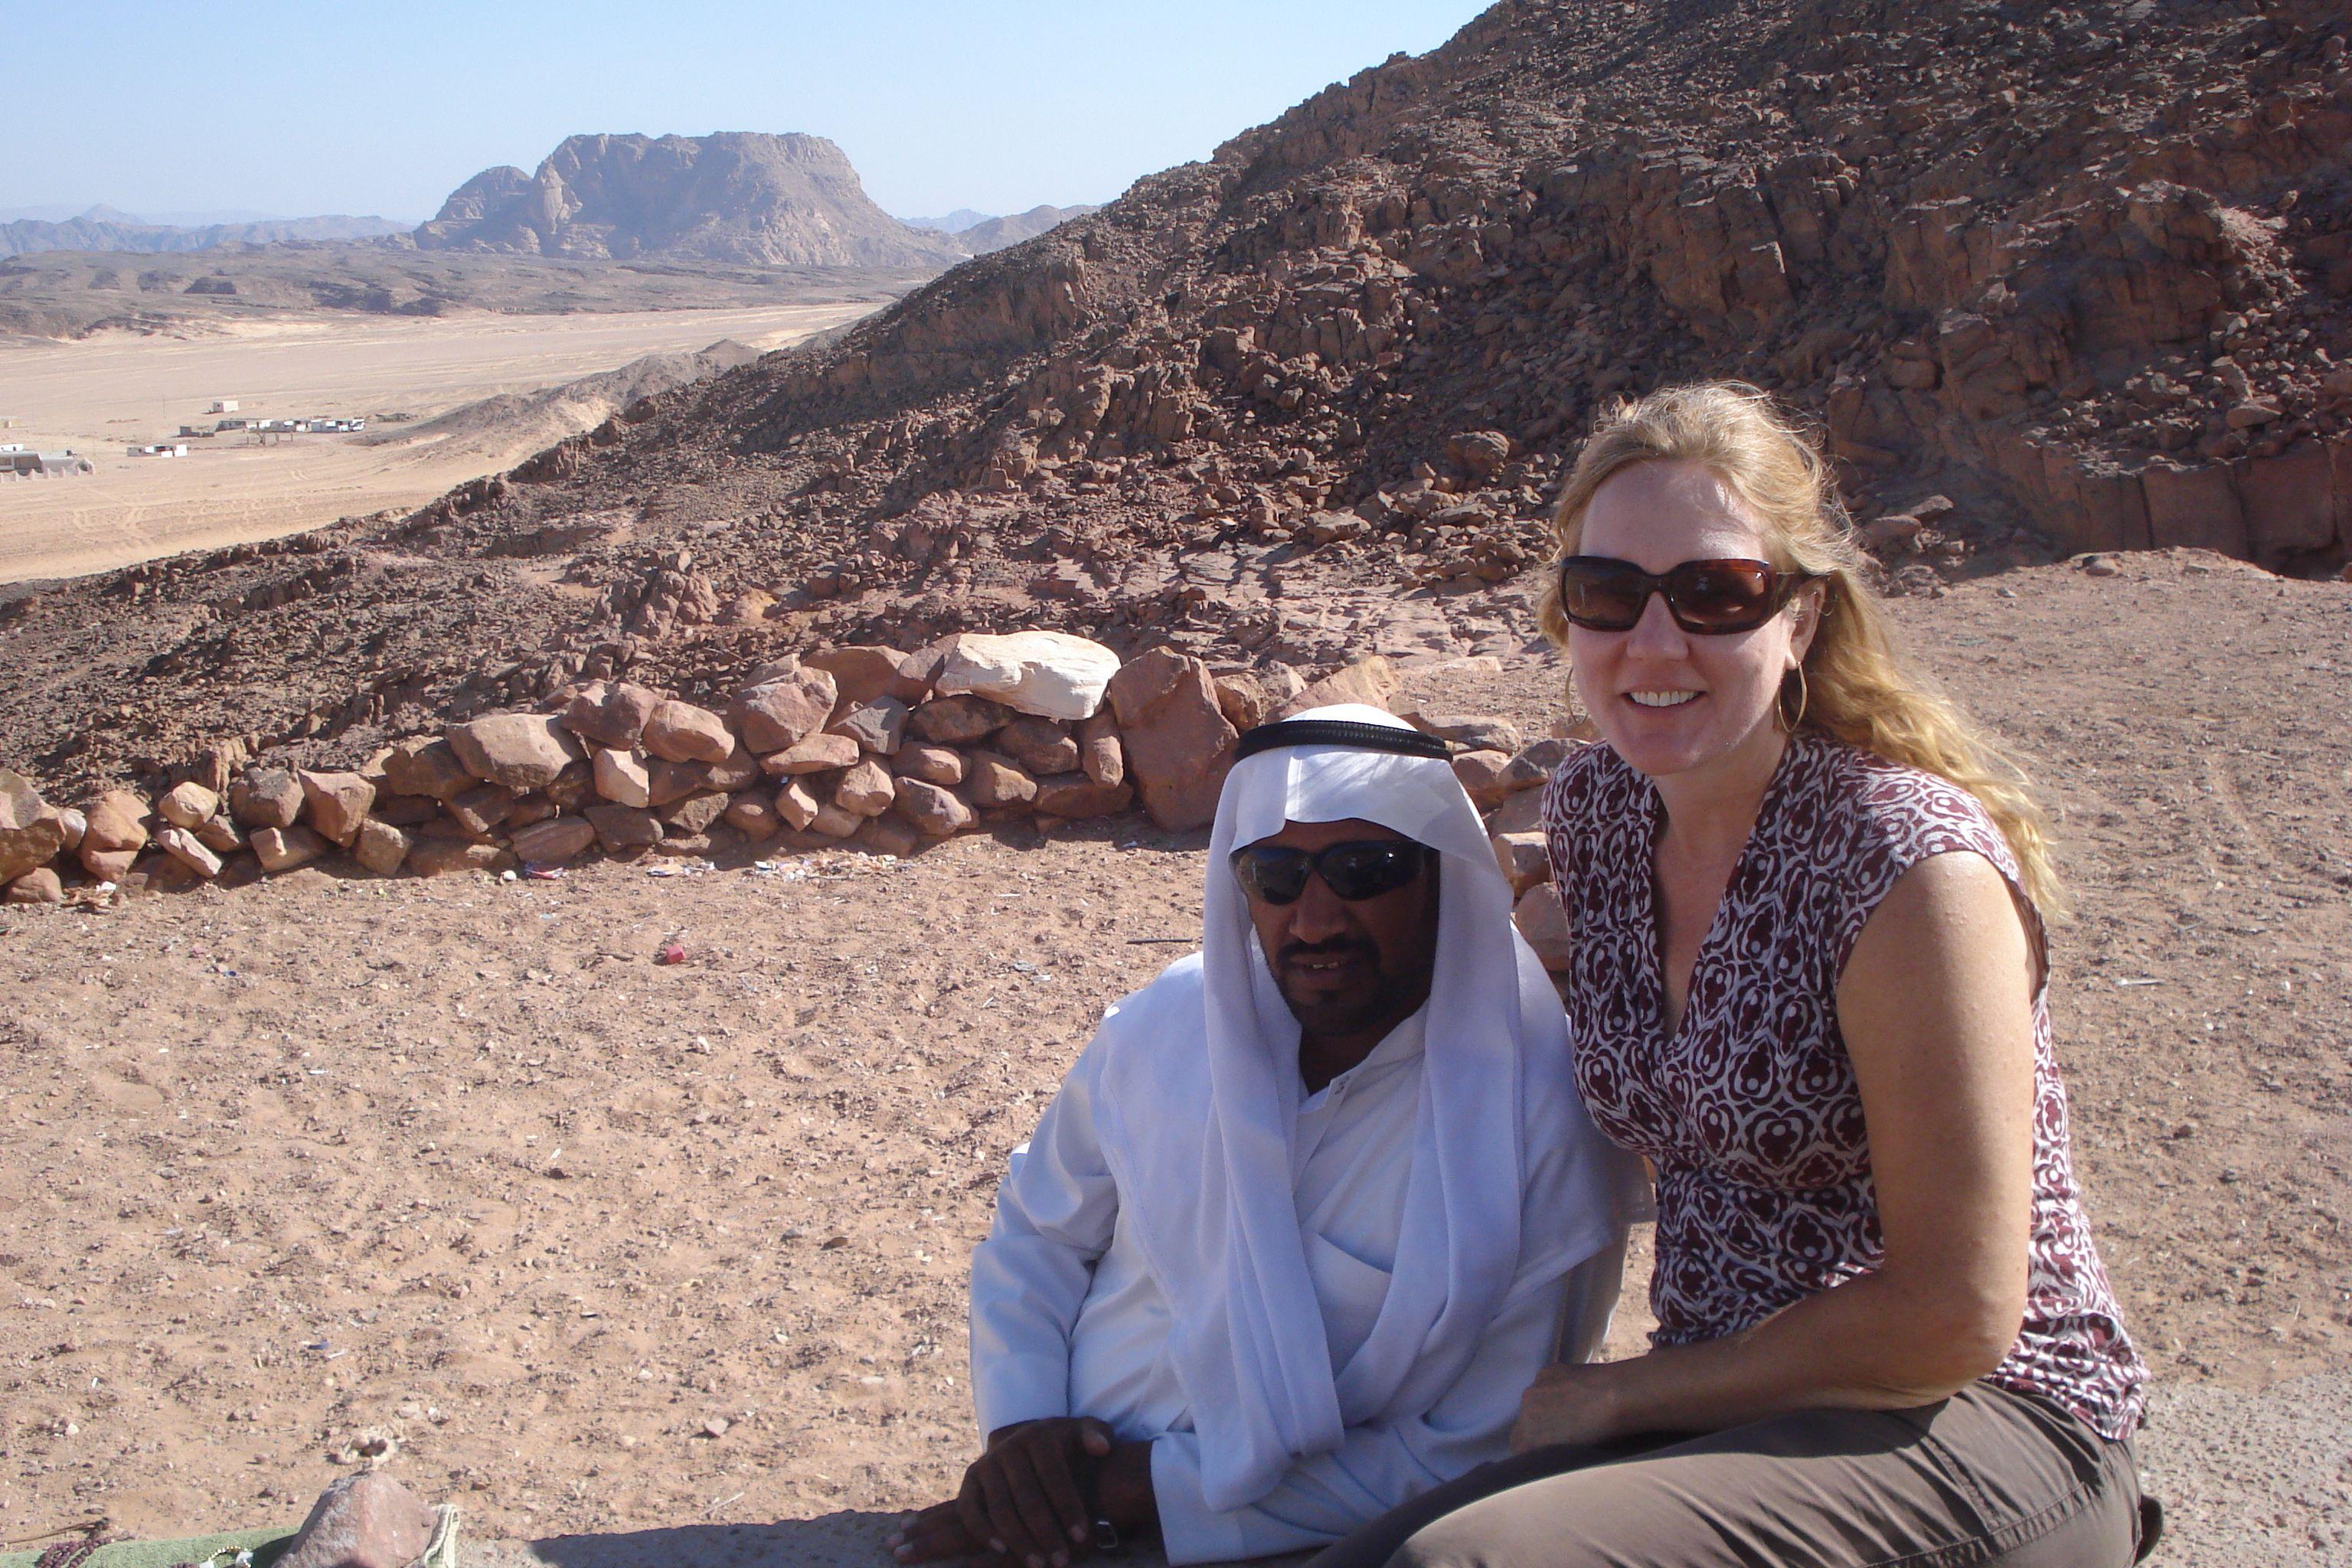 posando com um beduino no Egito